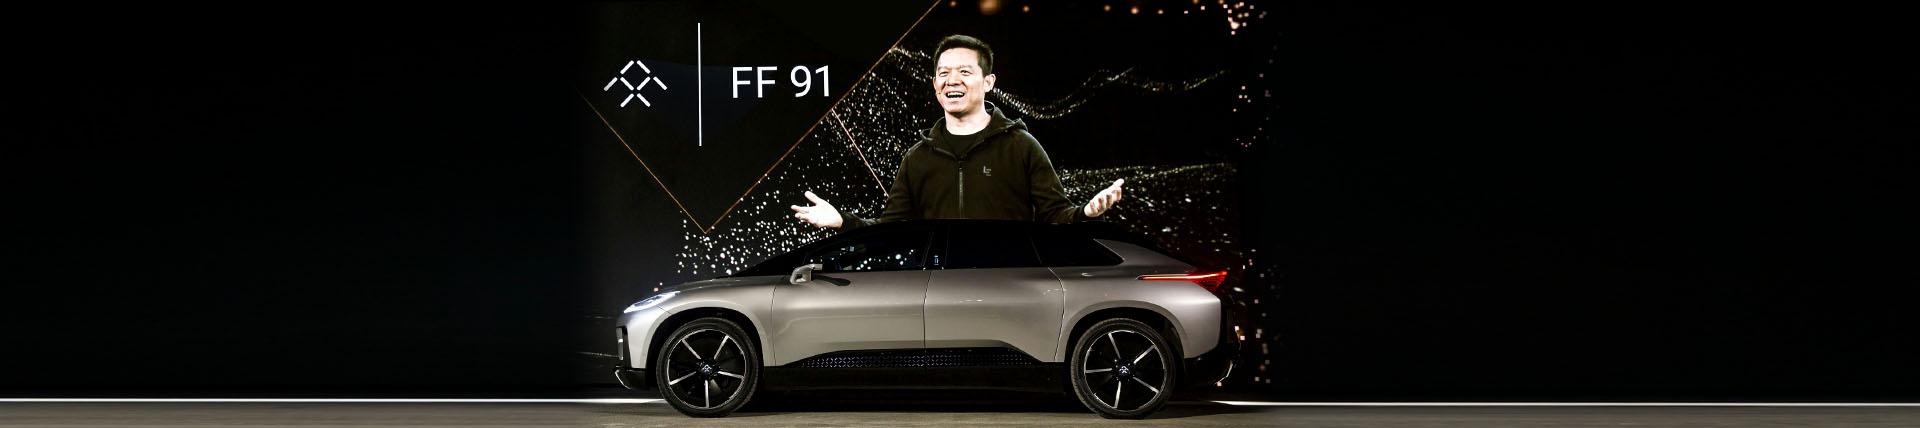 贾跃亭造车稳步推进,FF 91已经申请2000余项专利